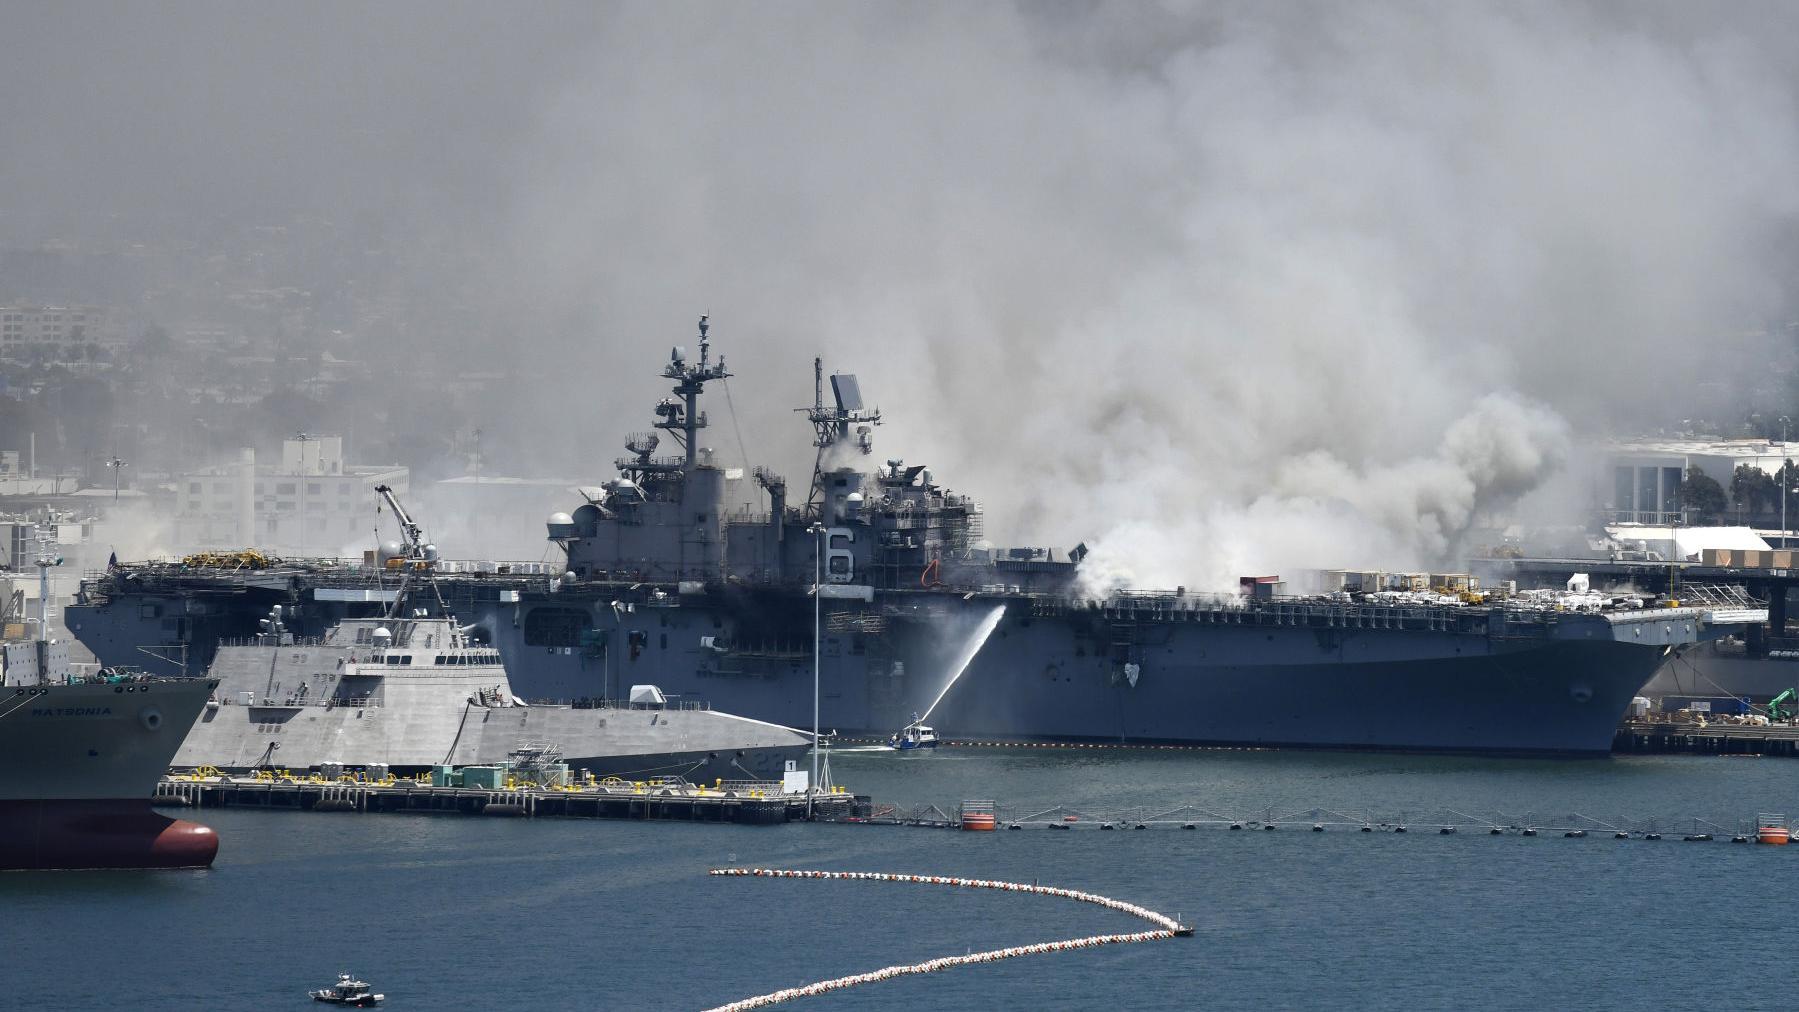 Continúa incendio en buque de Marina de EE.UU.